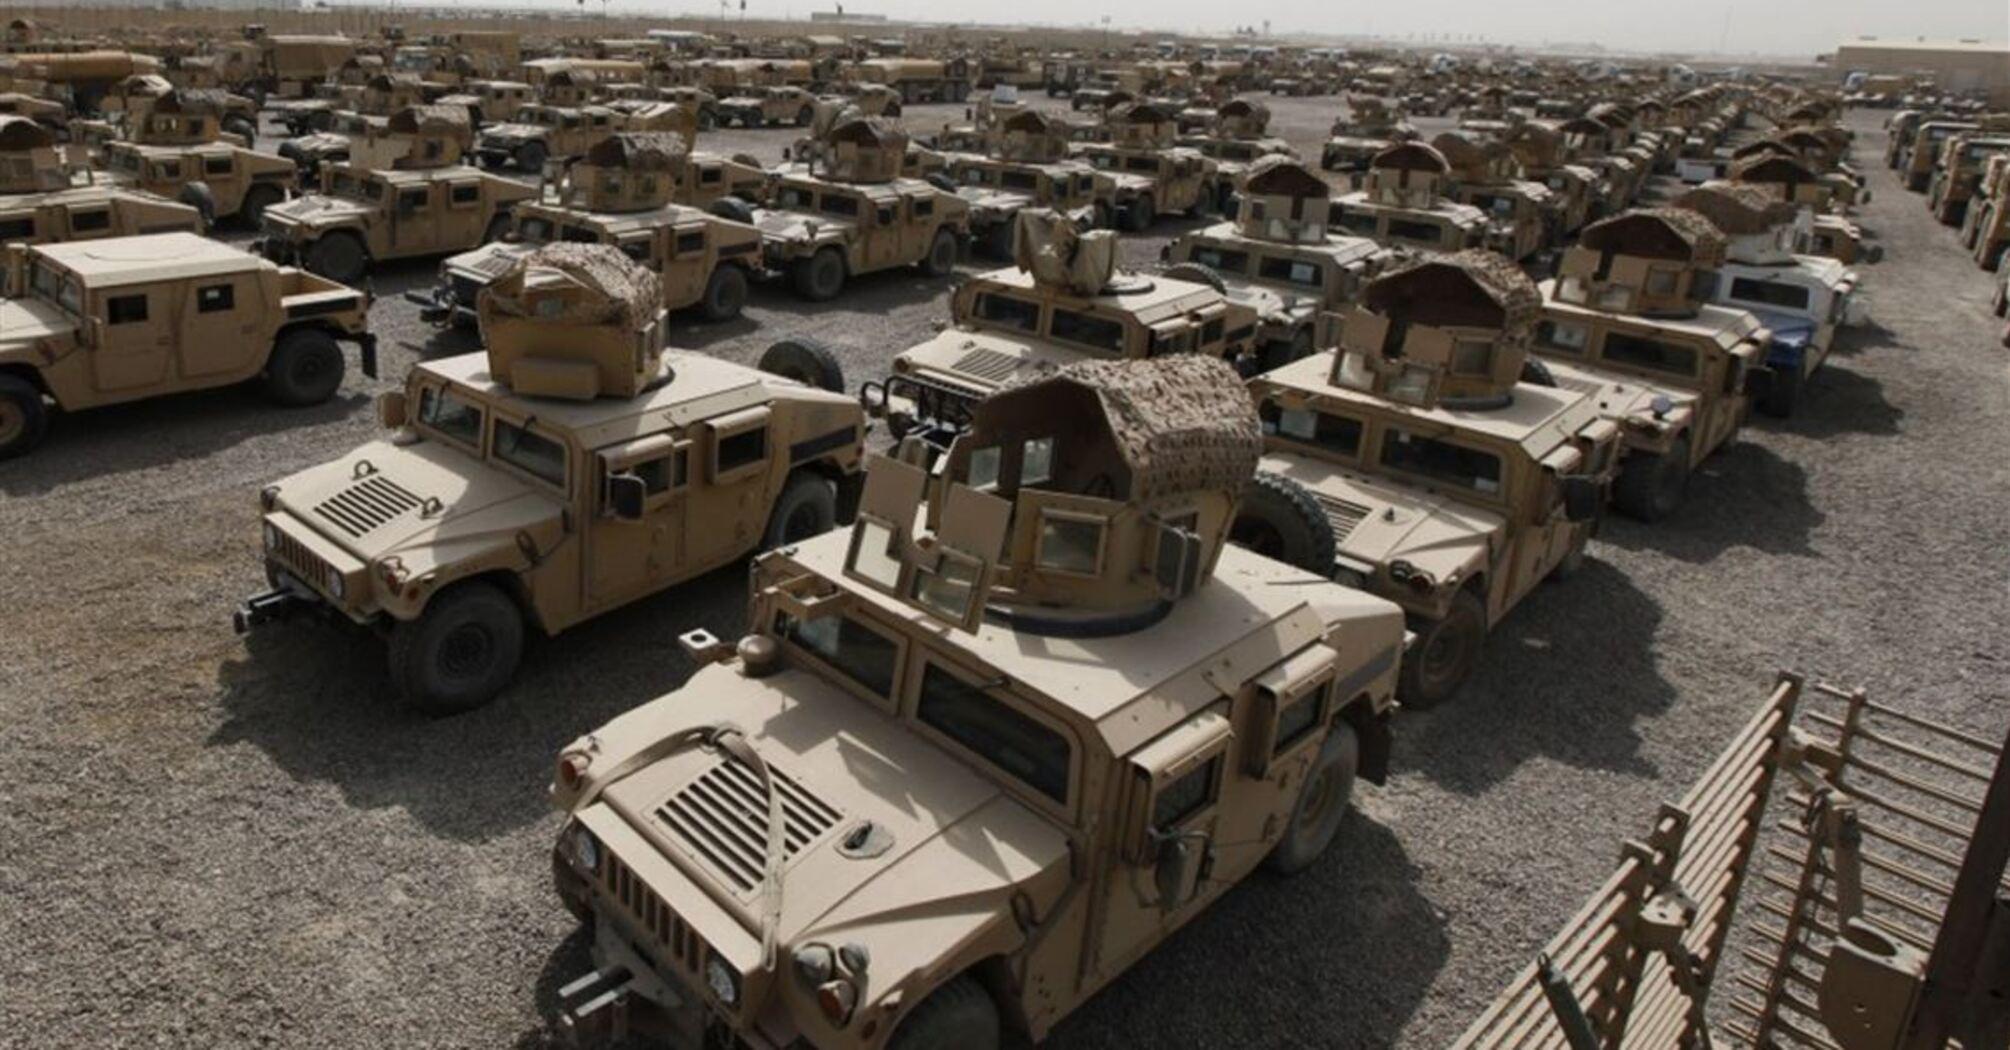 Американцы перед уходом из Афганистана вывели из строя вертолеты, бронемашины и системы защиты в аэропорту Кабула